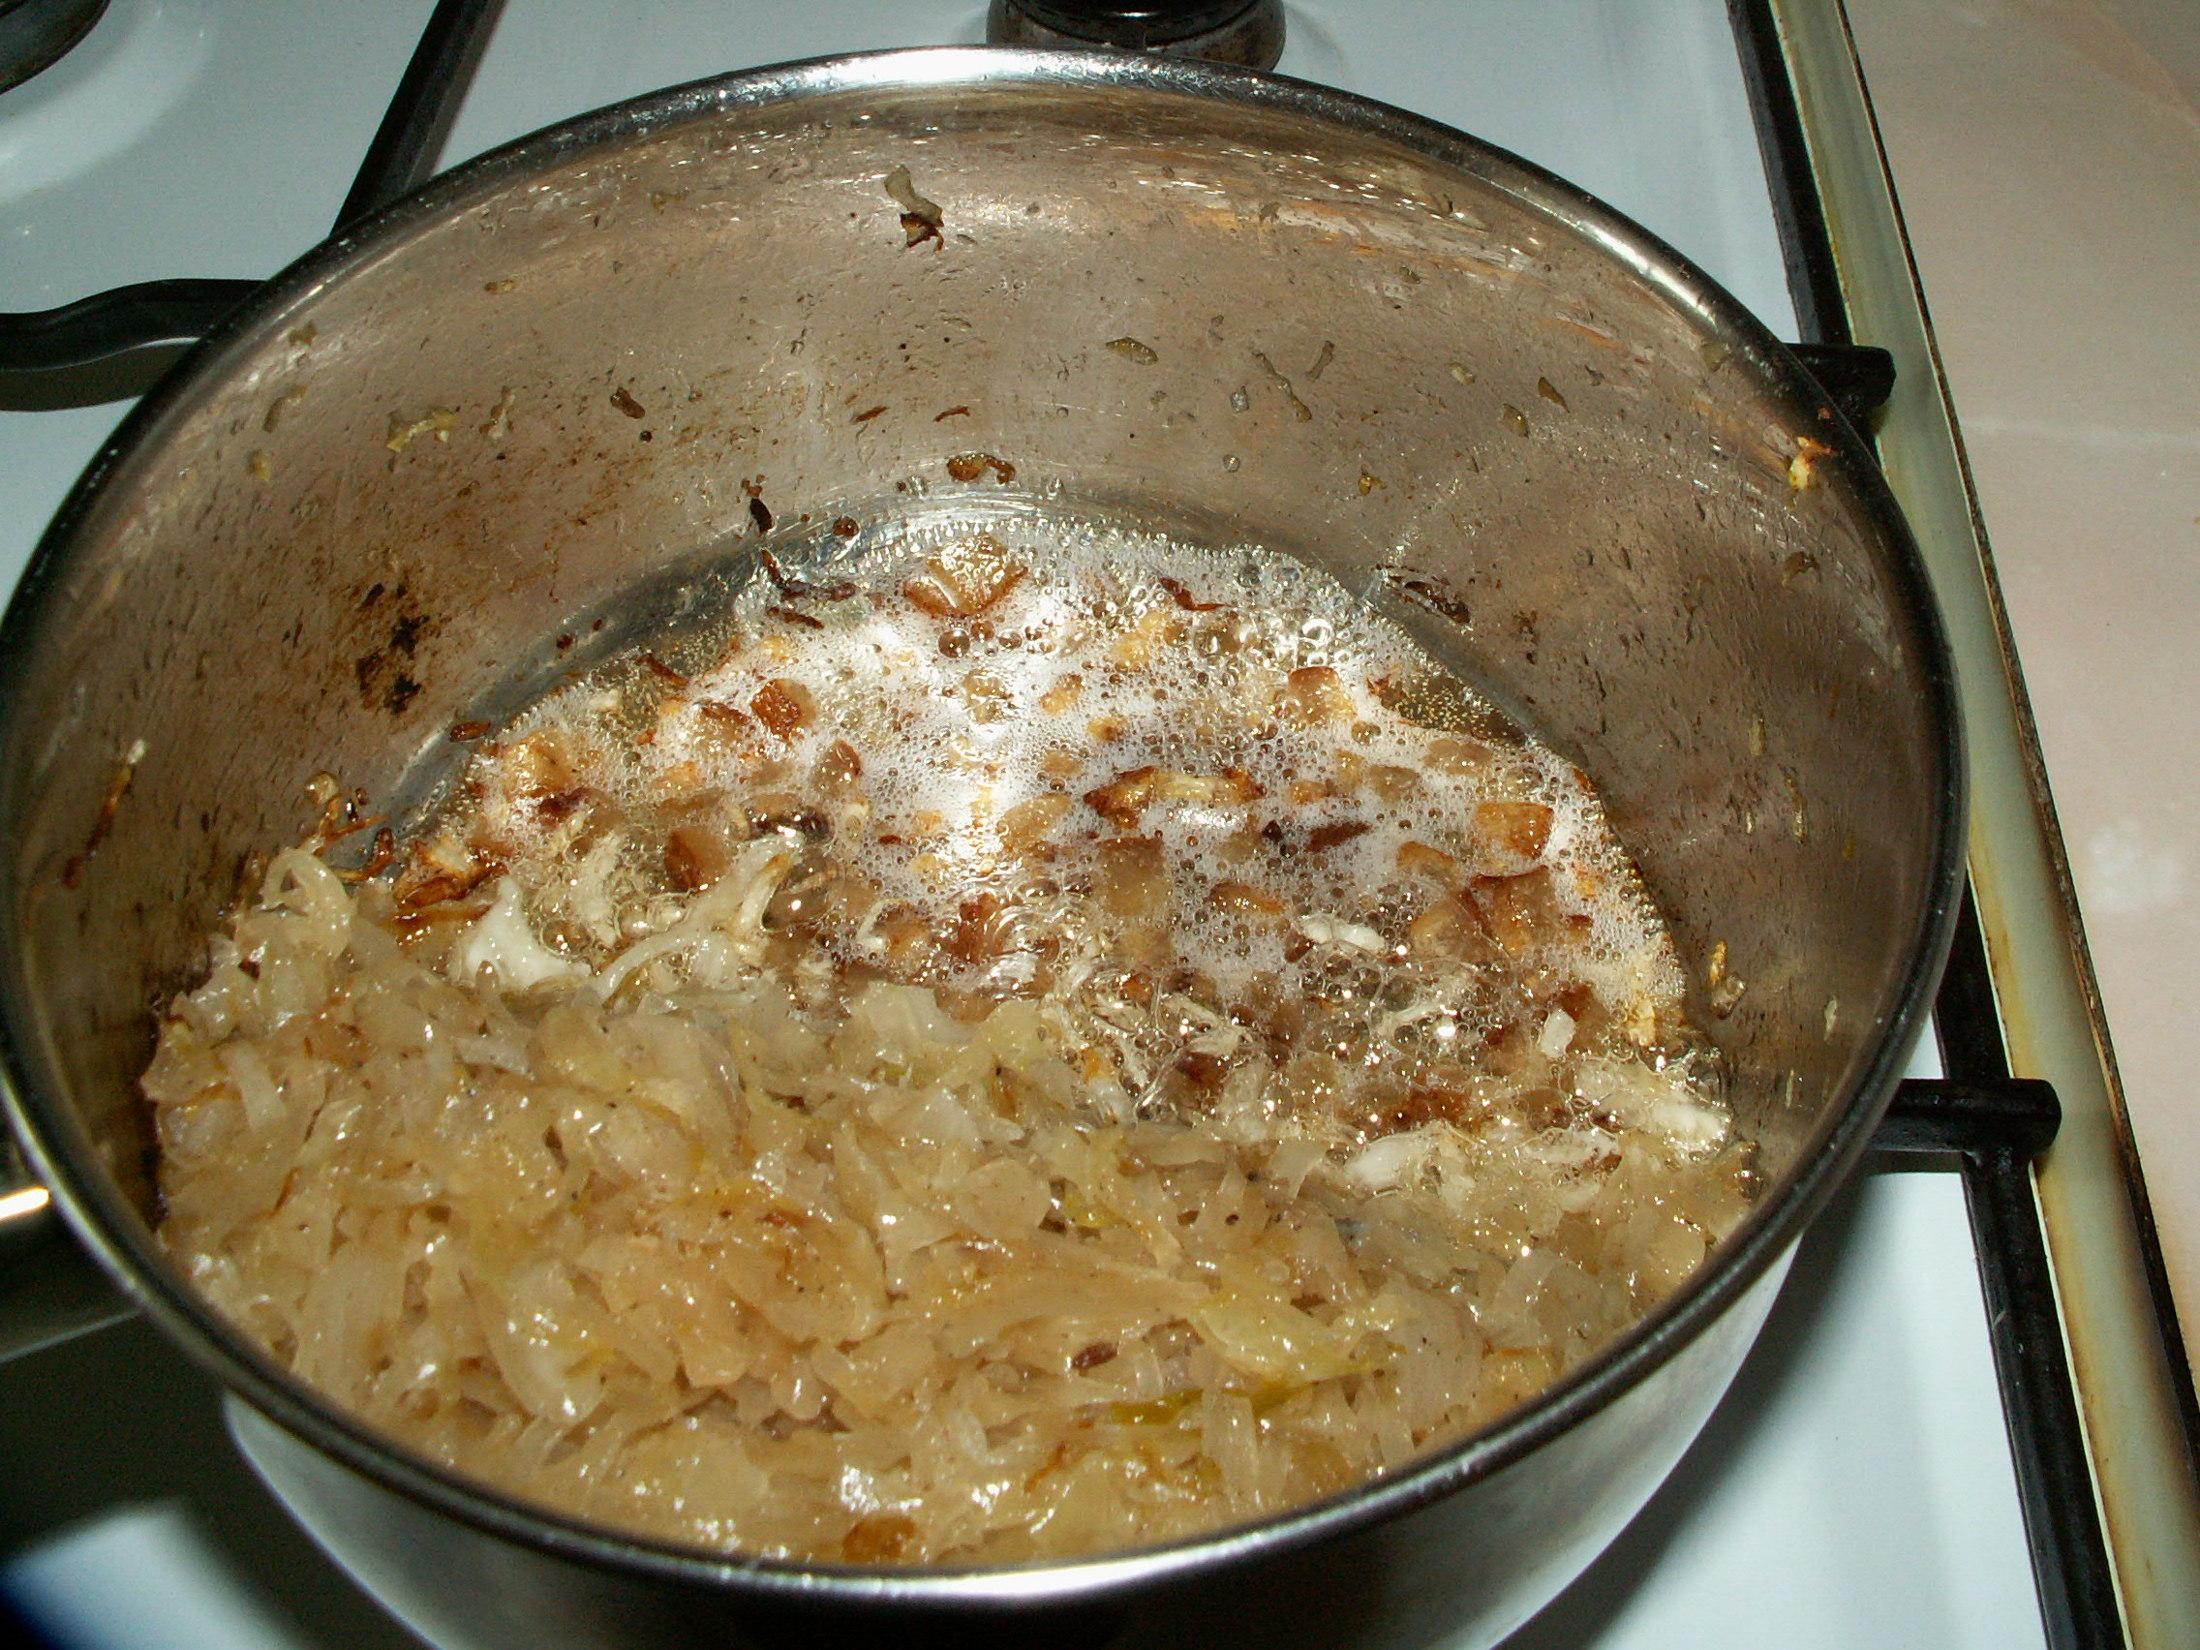 Recept Těstoviny se zelím a anglickou slaninou - Čerstvé zelí jsem nahradila kysaným a restovala jsou ho na jedné polovině kastrolu a na druhé jsem si hned rozpékala slaninu.